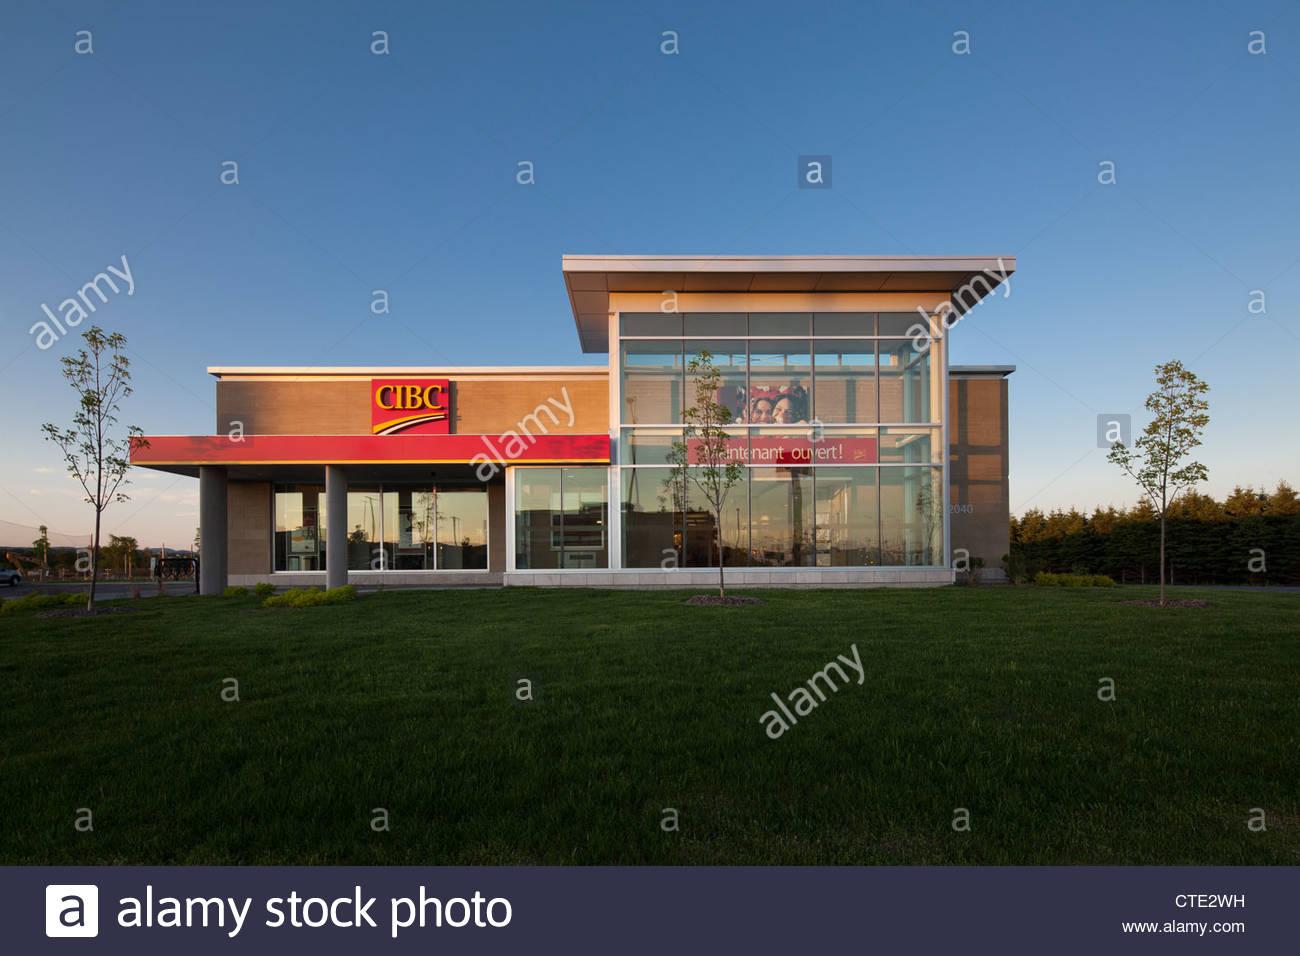 Direction générale de la banque CIBC nouveau bâtiment, Québec, Canada Photo Stock